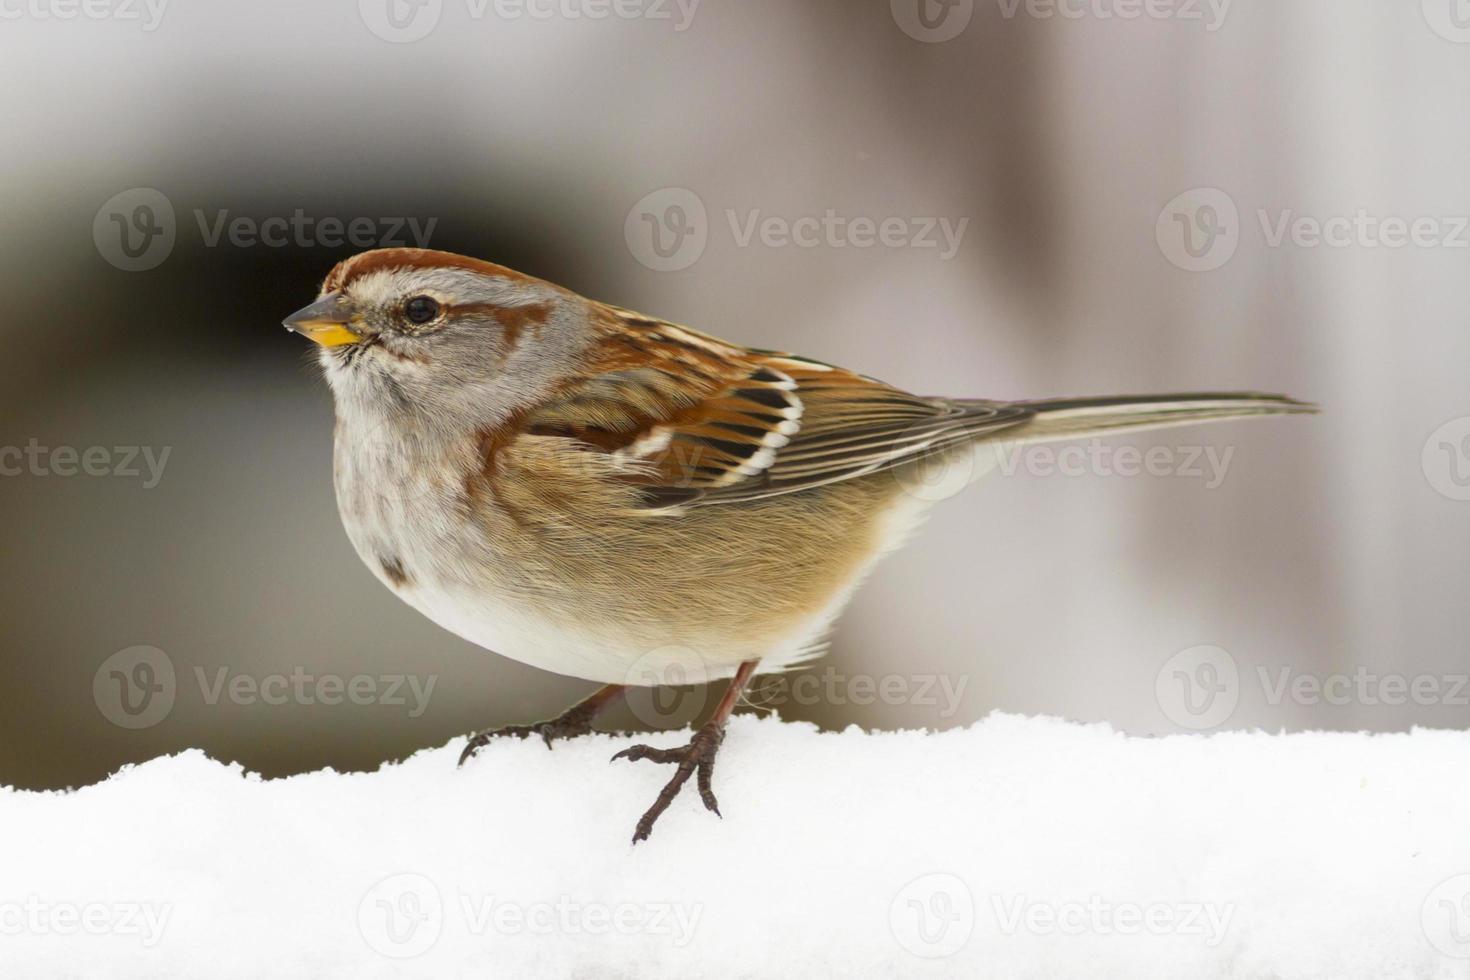 amerikanischer Baumsperlingvogel im Winterschnee foto